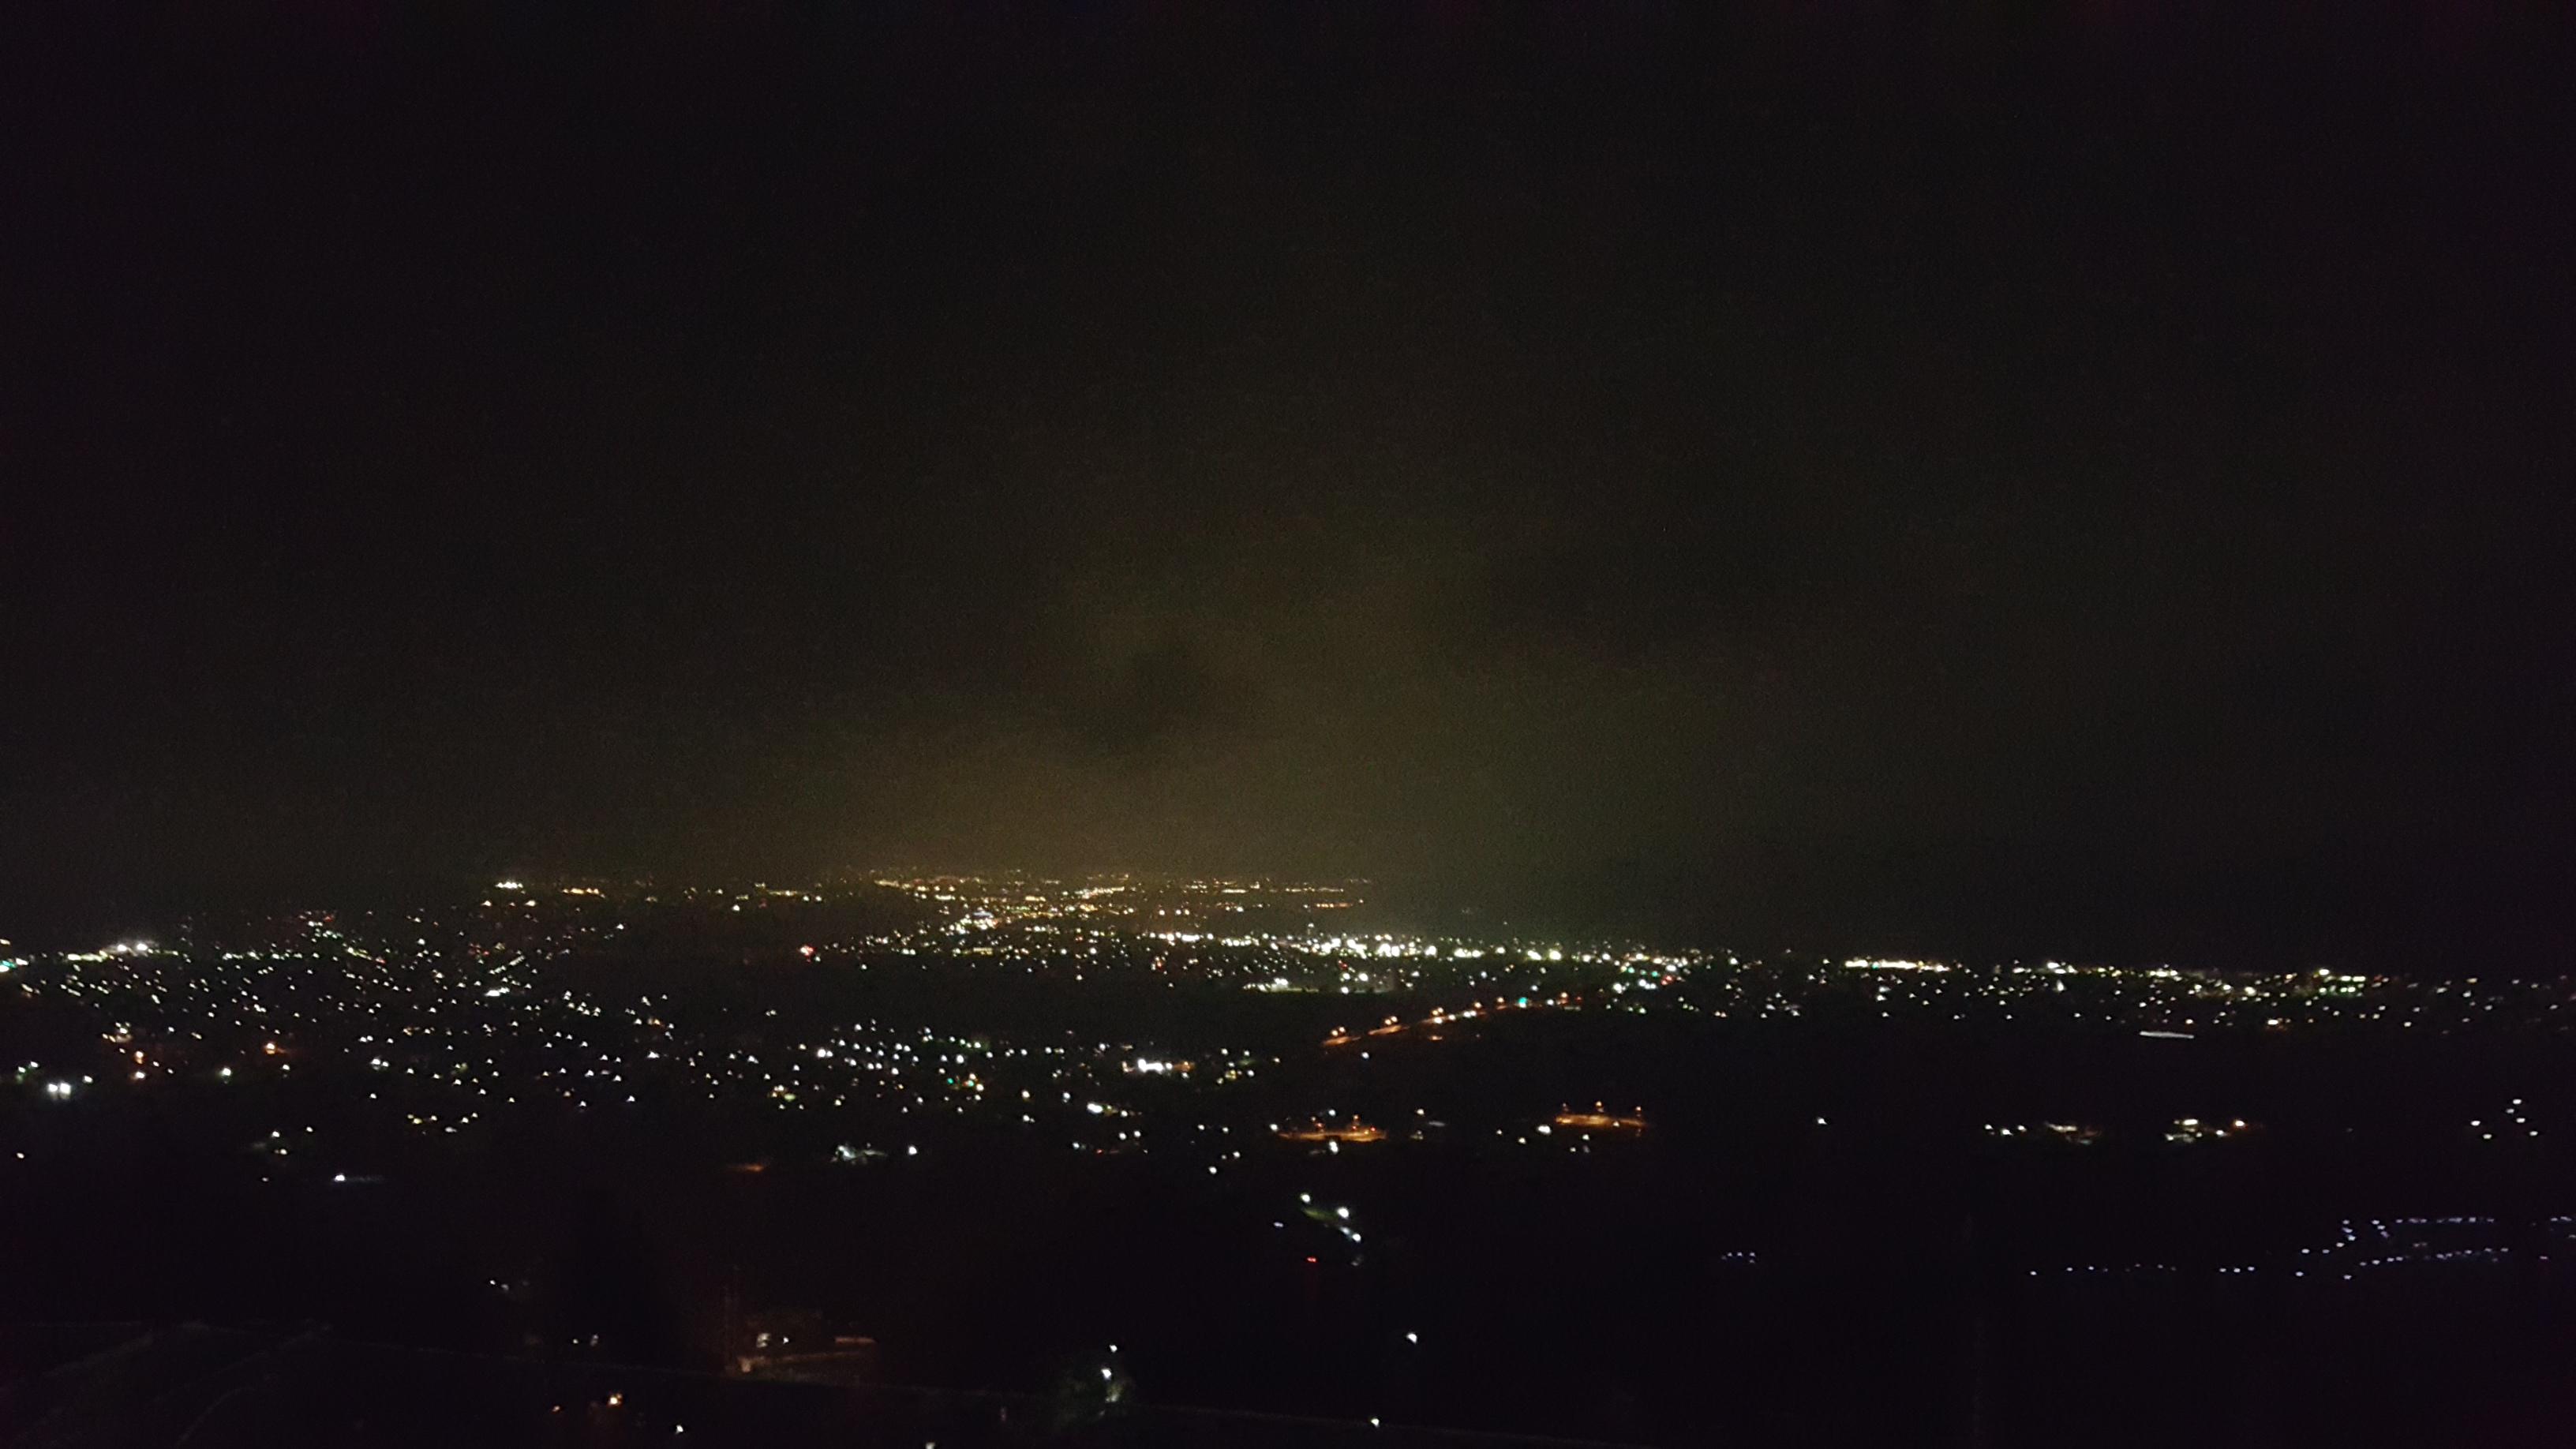 Obasute View